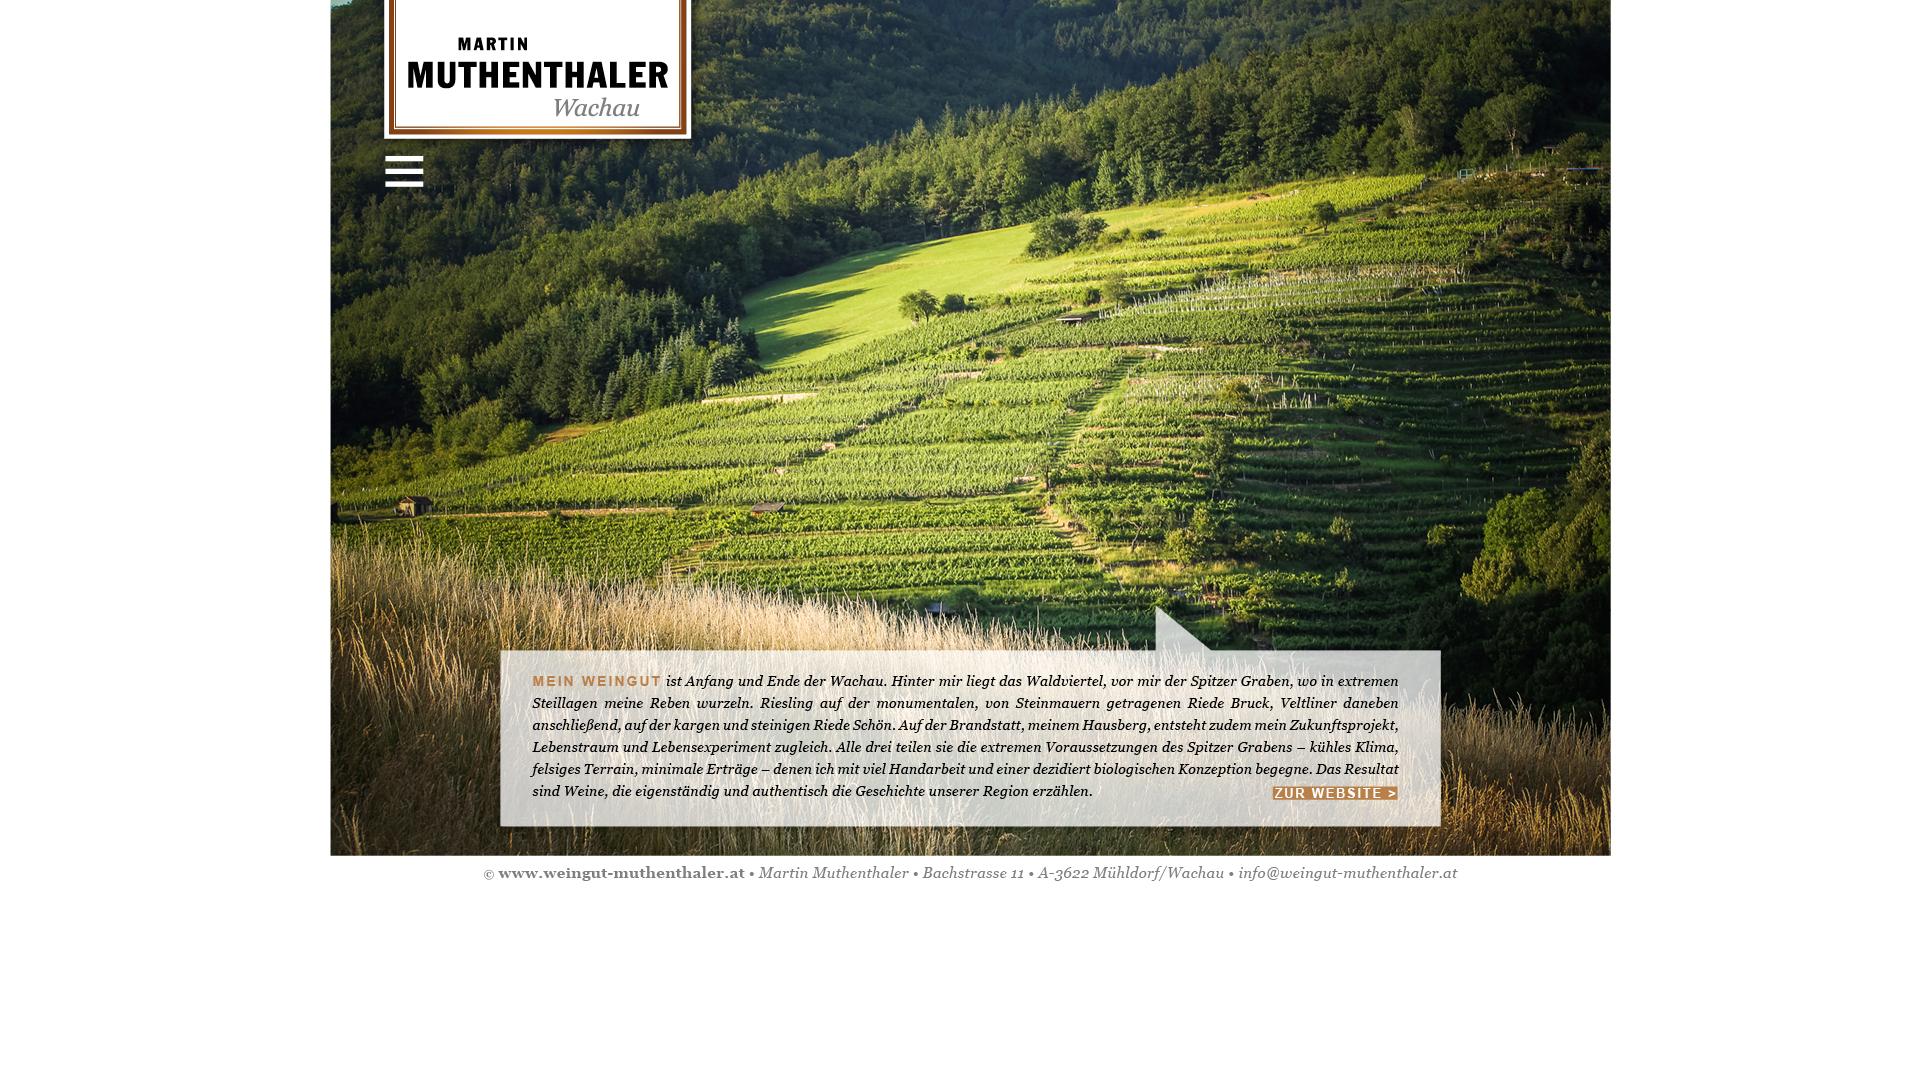 Designentwicklung Logo und Website für Weingut Martin Muthenthaler Wachau